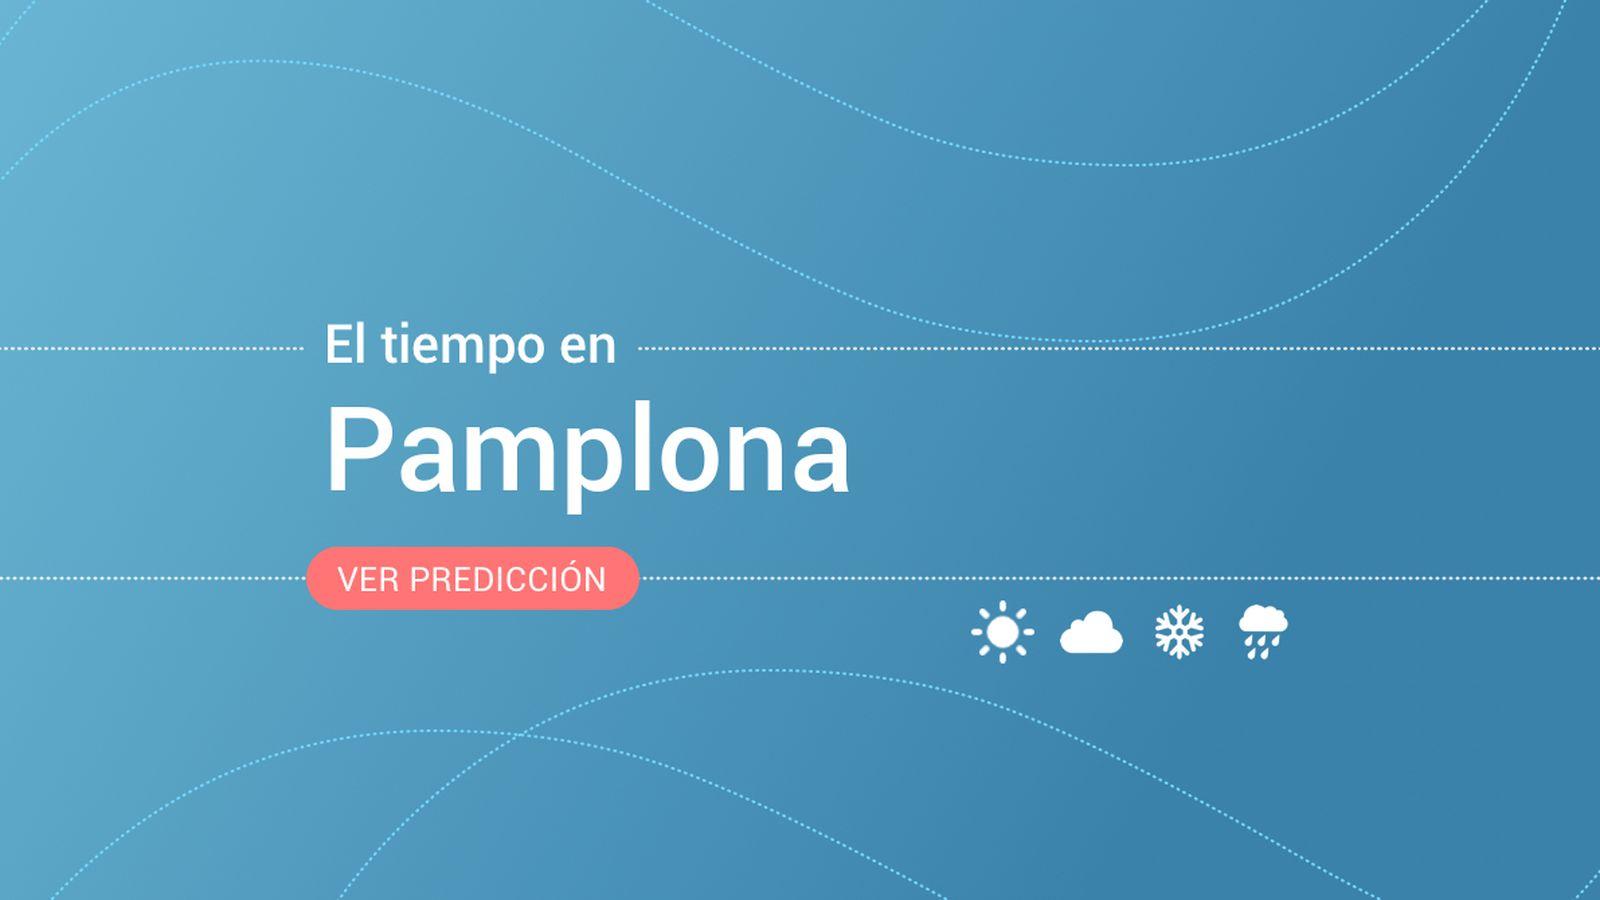 Foto: El tiempo en Pamplona. (EC)